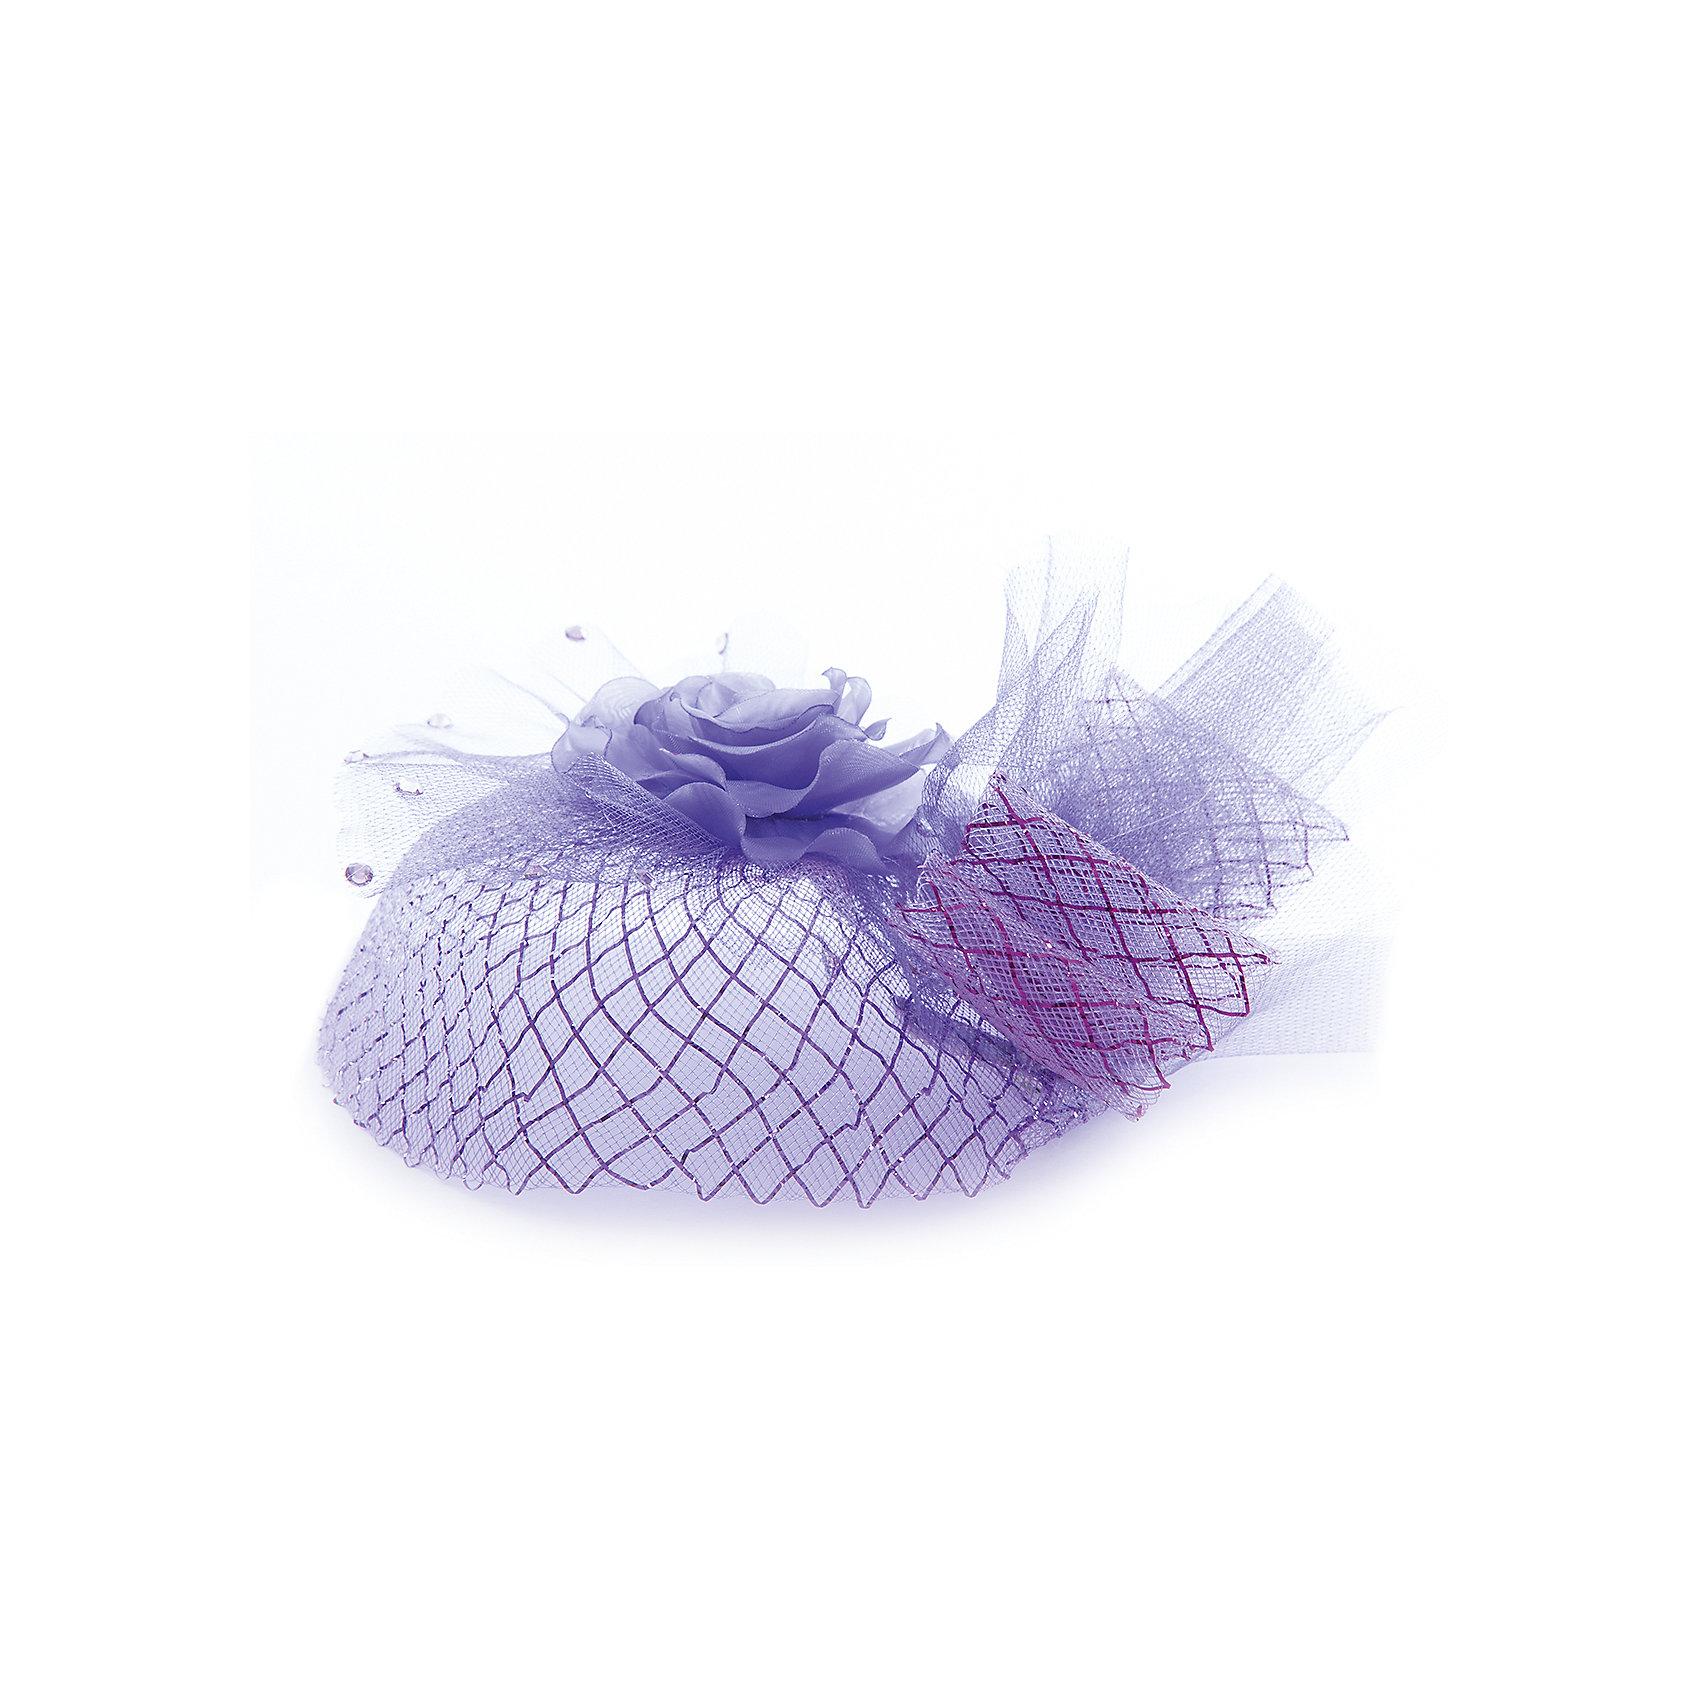 Шляпа для девочки ПрестижАксессуары<br>Характеристики:<br><br>• Вид аксессуара: шляпка-заколка<br>• Пол: для девочки<br>• Предназначение: праздничное<br>• Коллекция: IP<br>• Сезон: круглый год<br>• Цвет: фиолетовый, белый<br>• Крепится за счет зажимов<br>• Материал: текстиль, металл<br>• Особенности ухода: сухая чистка<br><br>Украшение для волос для девочки Престиж от отечественного производителя, который специализируется на выпуске праздничной одежды и аксессуаров как для взрослых, так и для детей. Изделие выполнено из текстиля и бижутерного сплава. Все материалы хорошо держат и сохраняют форму, не вызывают аллергических реакций. Шляпка крепится к волосам за счет двух зажимов, что обеспечивает ее надежную фиксацию. Шляпка выполнена в виде большой розы, декорирована вуалеткой и стразами.<br><br>Шляпа для девочки Престиж не только дополнит праздничный образ юной леди, но и сделает его особенным и стильным!<br><br>Шляпу для девочки Престиж можно купить в нашем интернет-магазине.<br><br>Ширина мм: 89<br>Глубина мм: 117<br>Высота мм: 44<br>Вес г: 155<br>Цвет: фиолетовый<br>Возраст от месяцев: 60<br>Возраст до месяцев: 168<br>Пол: Женский<br>Возраст: Детский<br>Размер: one size<br>SKU: 5387783